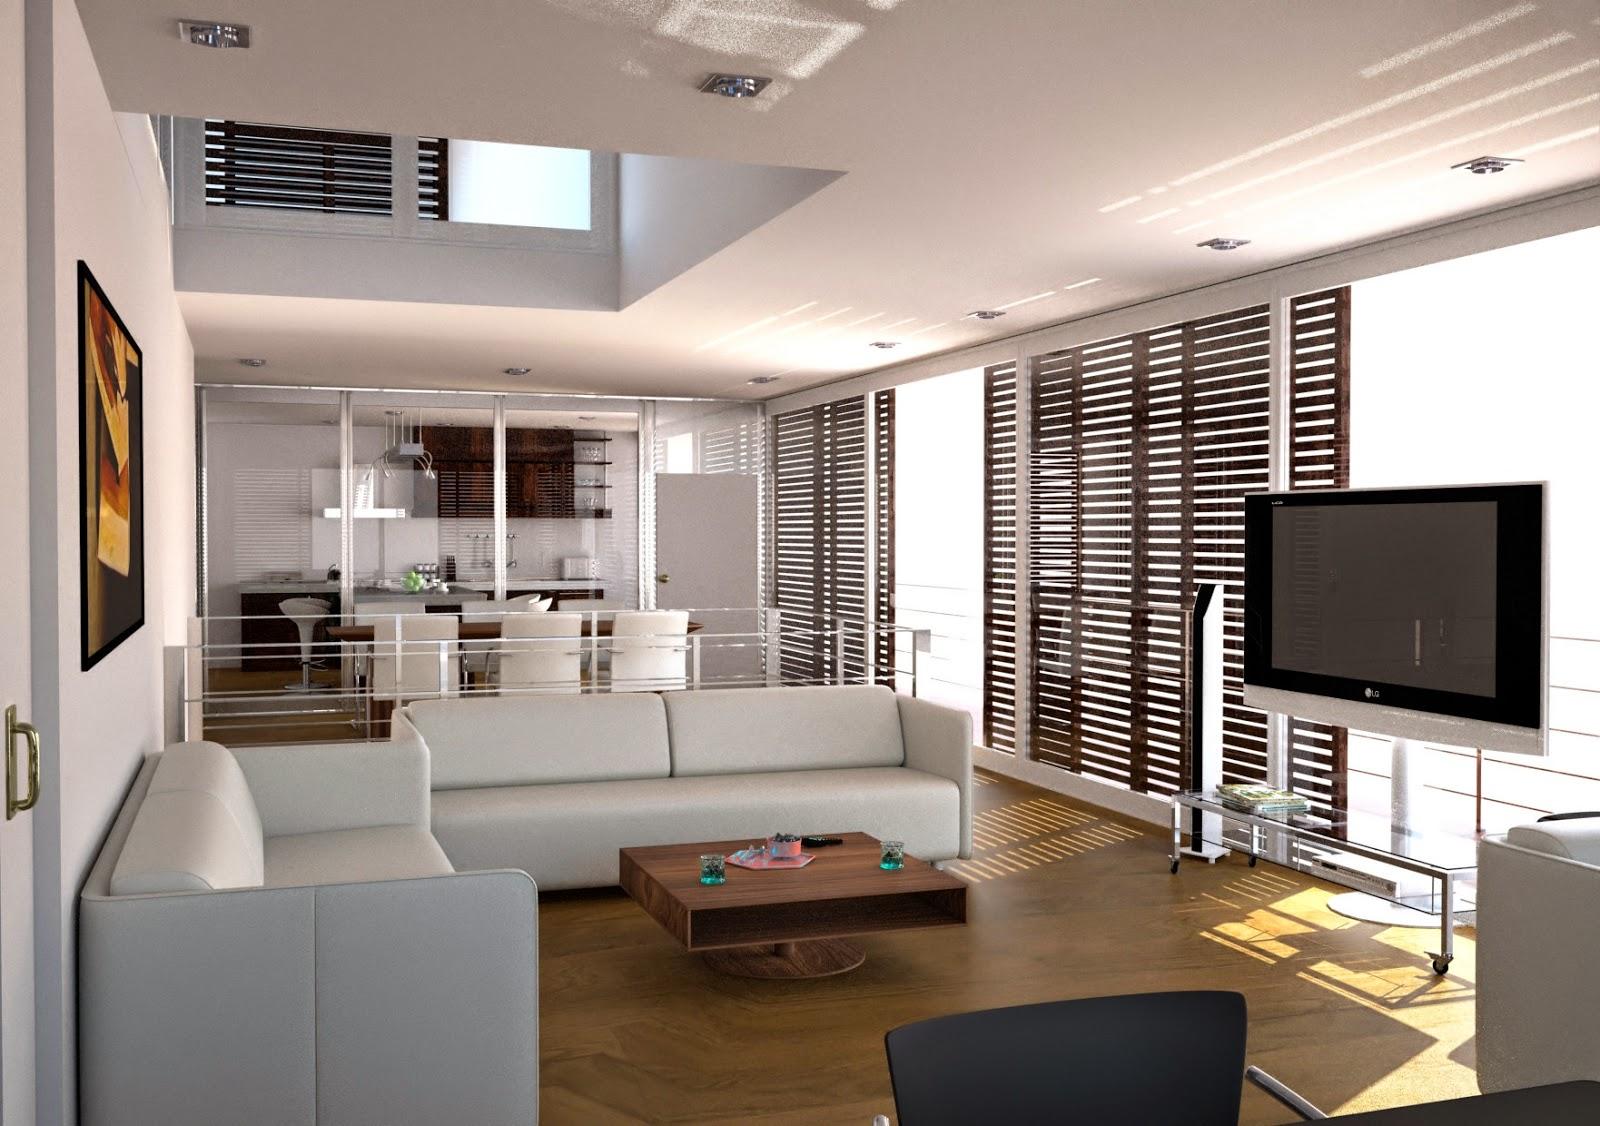 Modular Kitchen Gallery